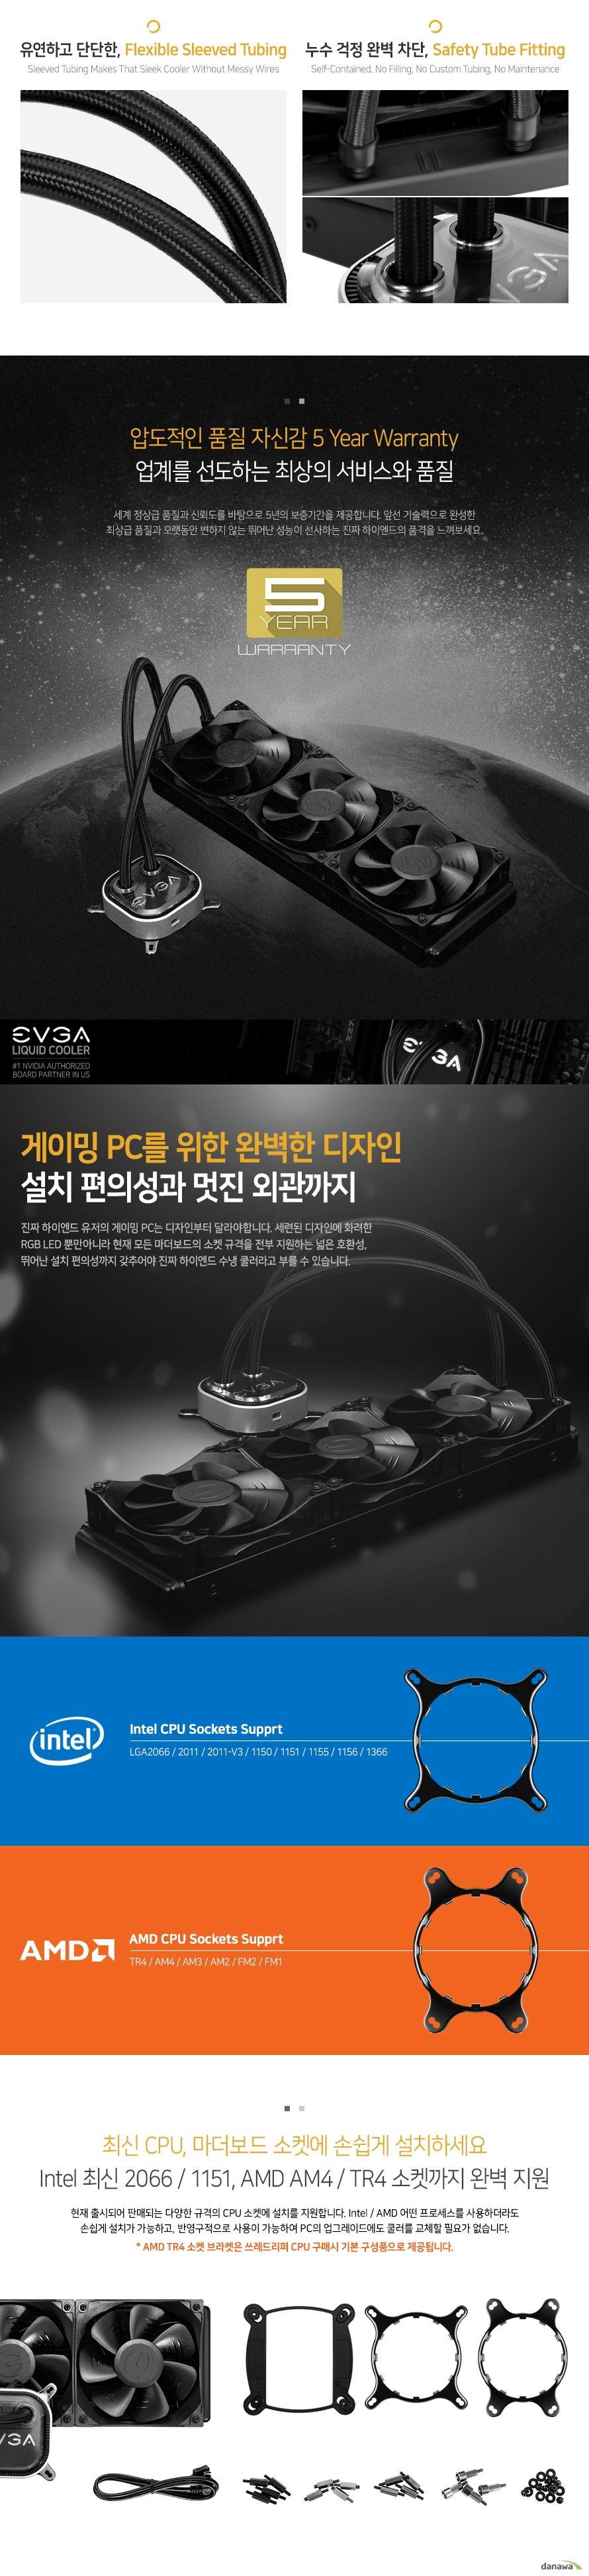 EVGA  CLC 360 Liquid